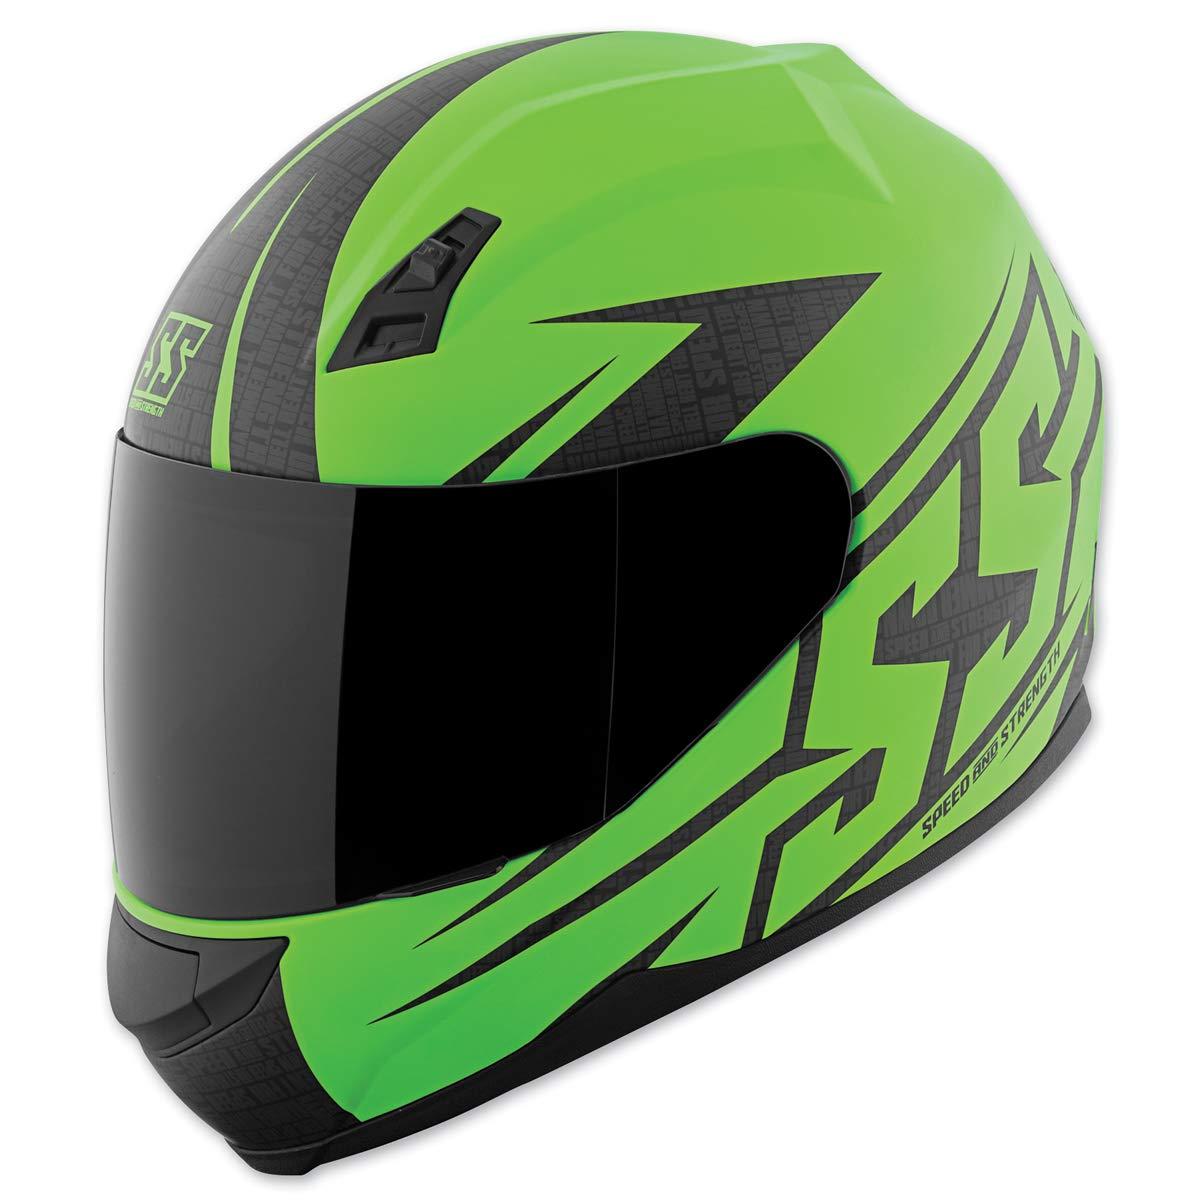 スピード&強度SS700ヘルメット - ハンマーダウン(大)(マットグリーン)   B01KEI3HJI